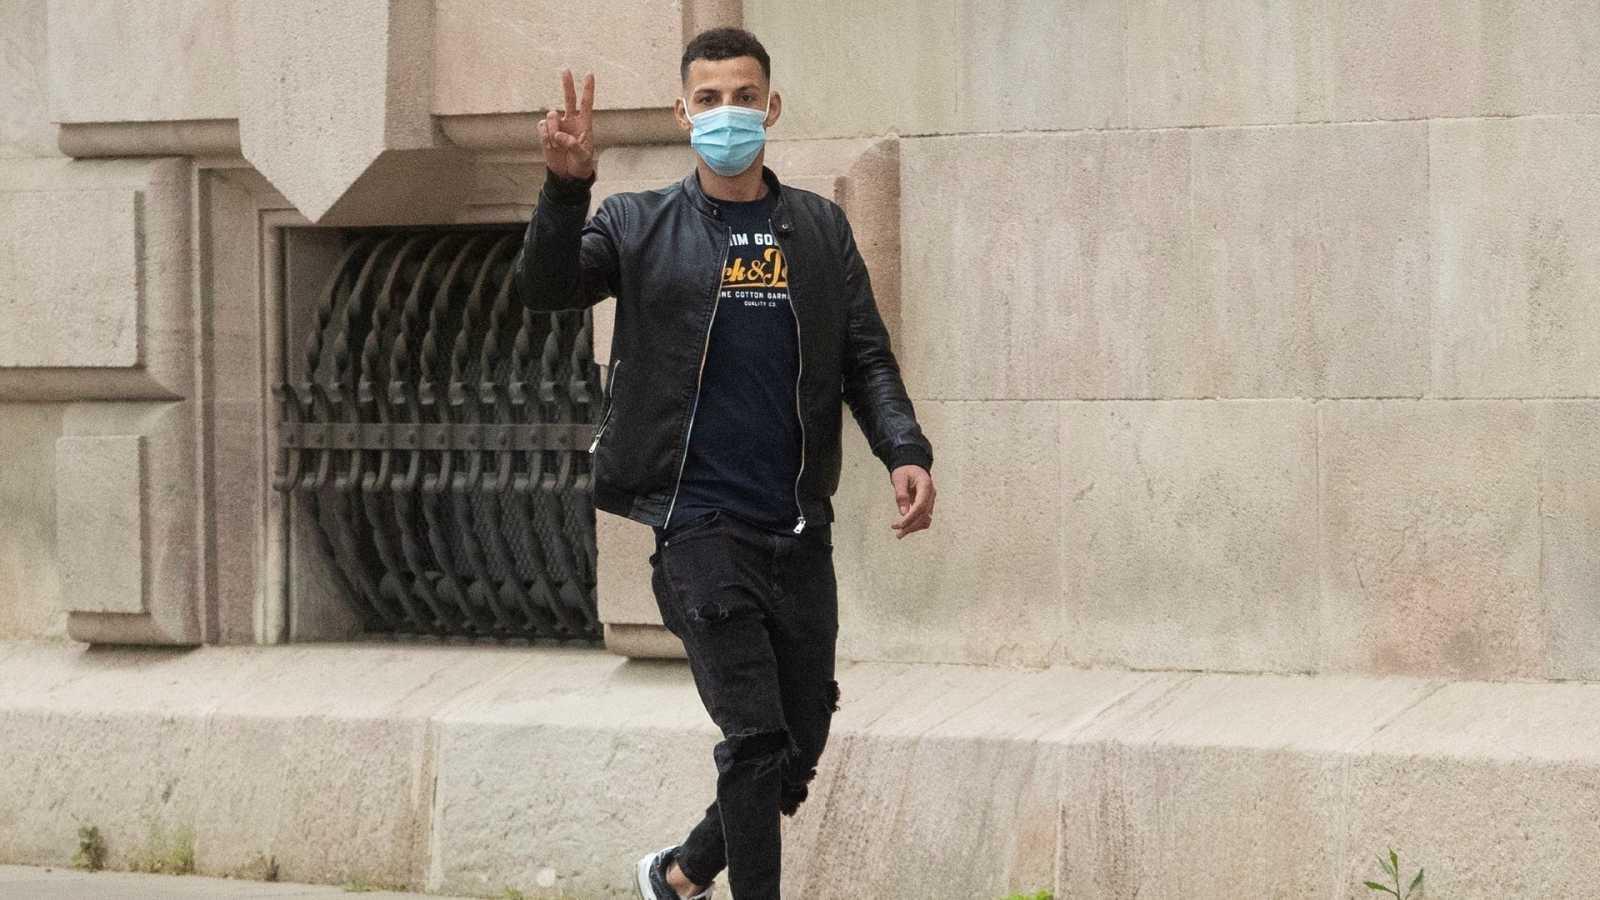 Uno de los acusados, a su llegada a la Audiencia de Barcelona, donde prosigue el juicio.